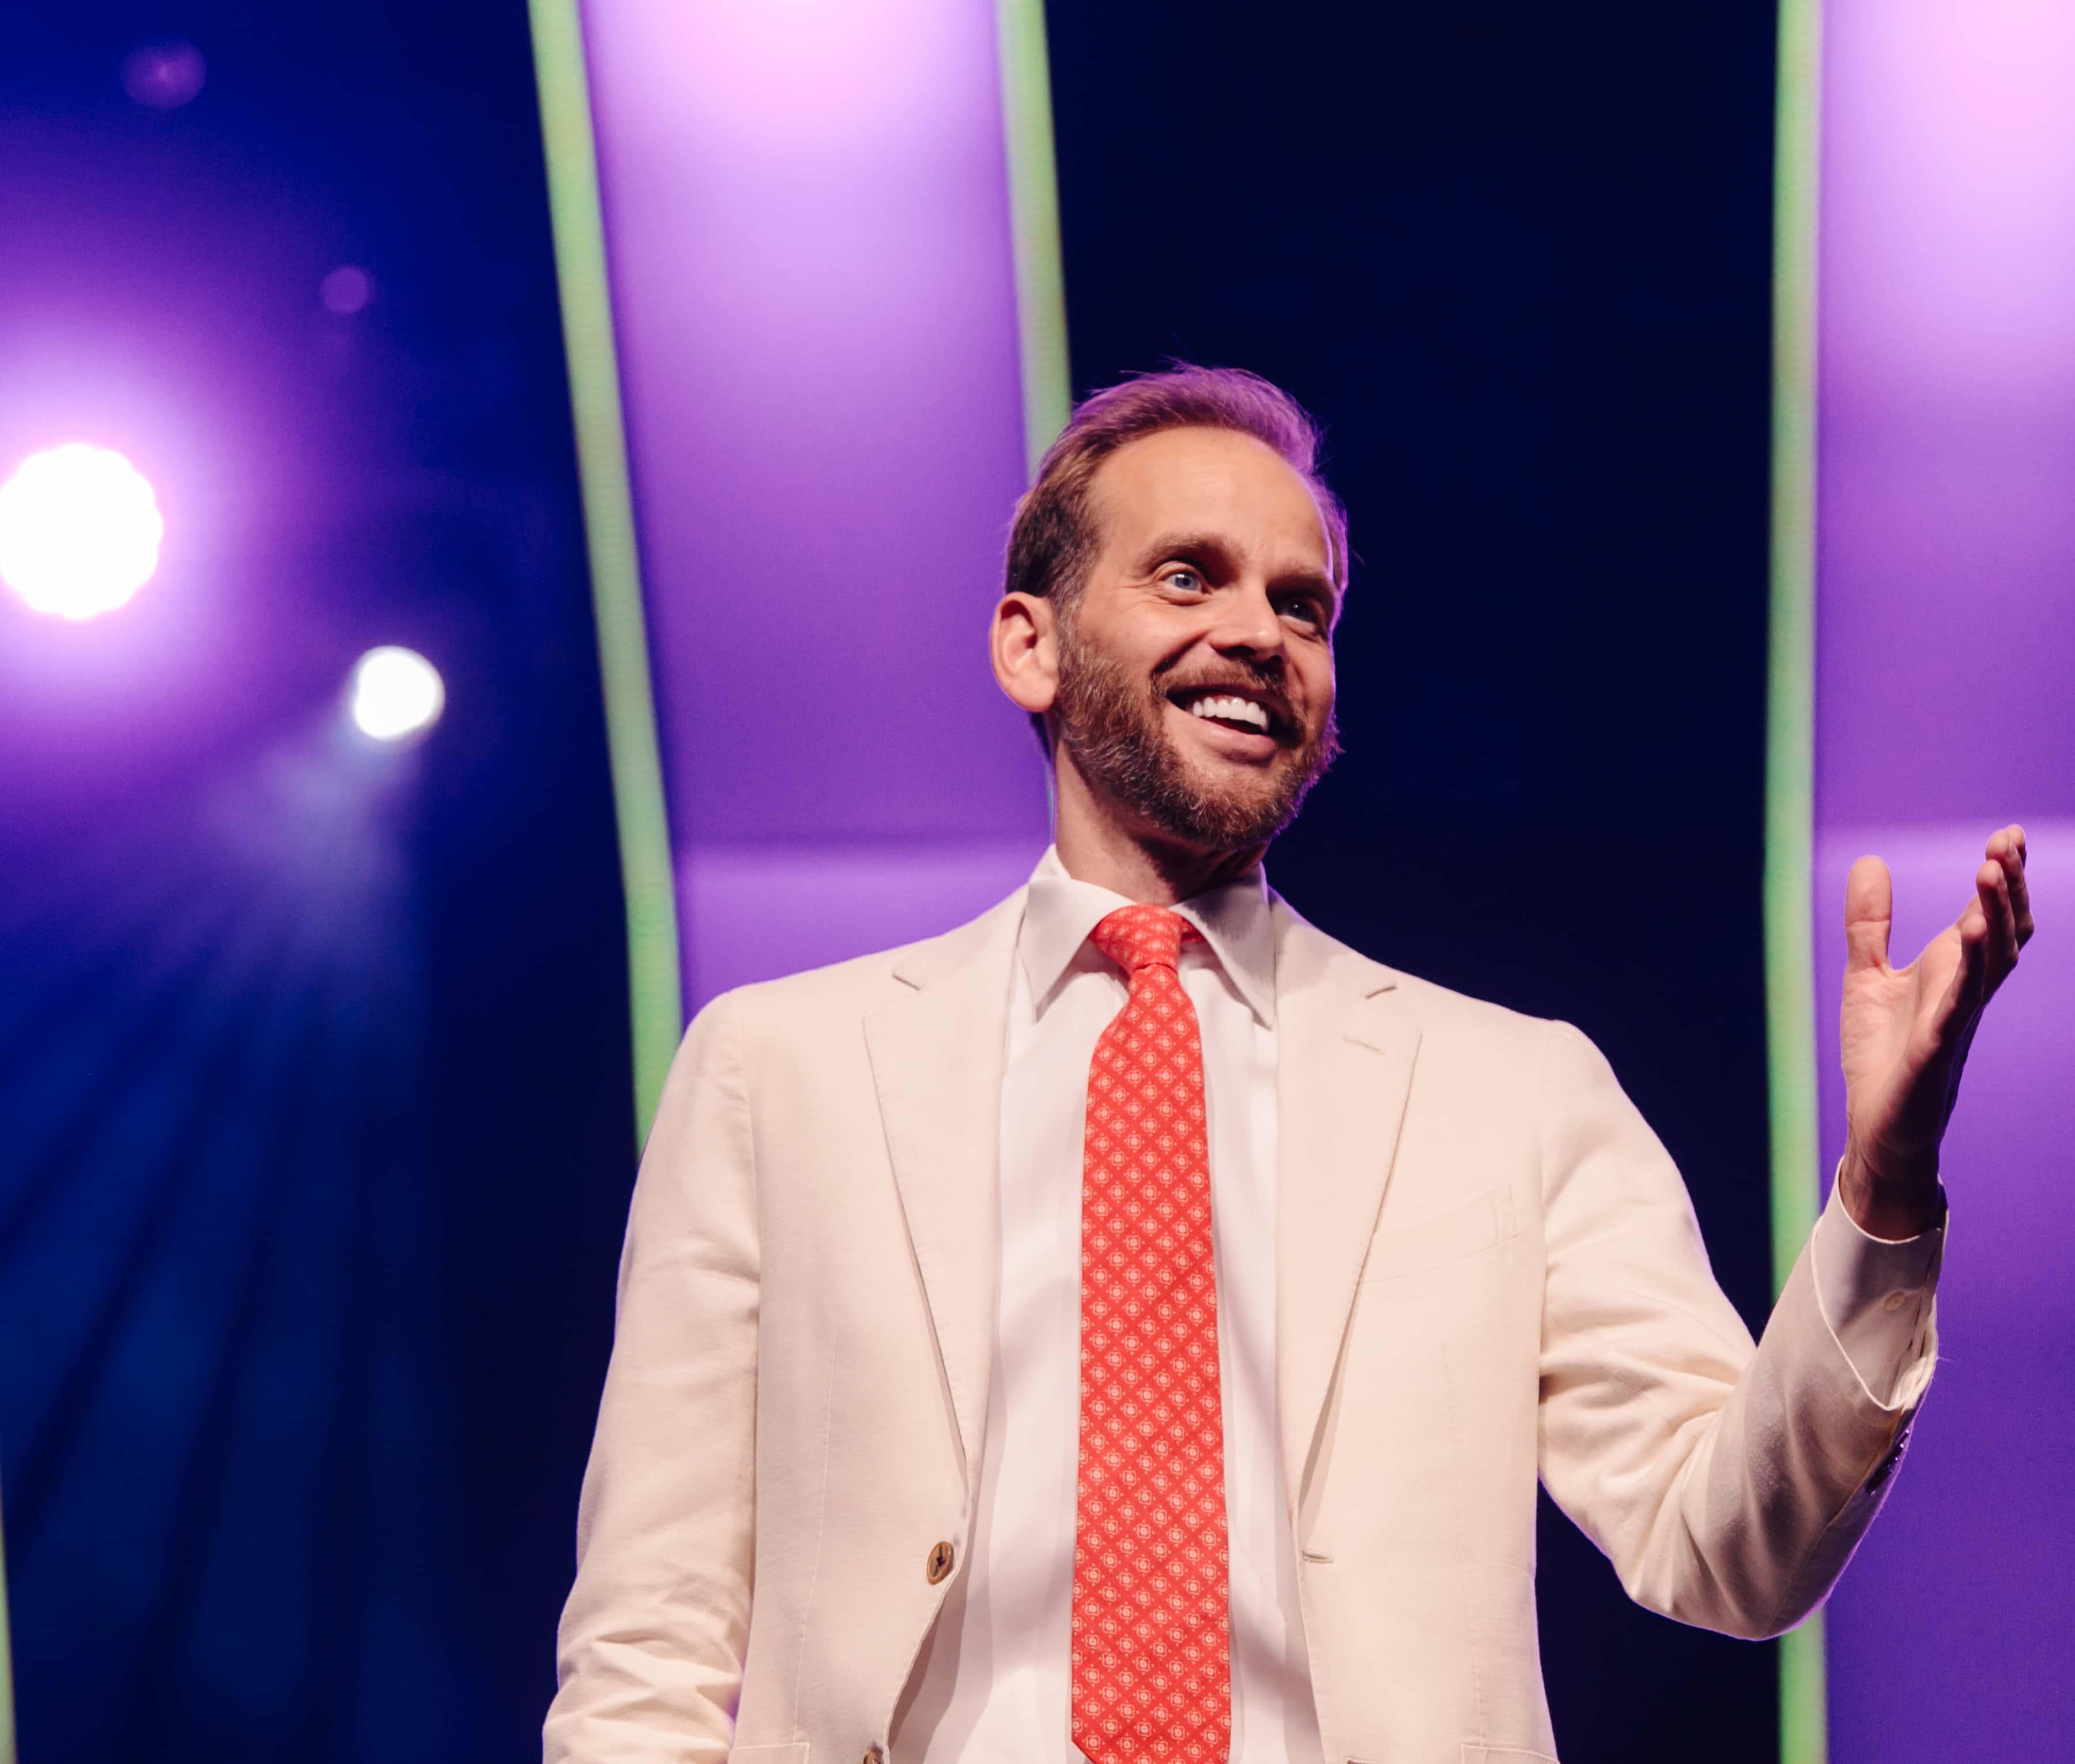 Garrett Gravesen speaking on a stage.